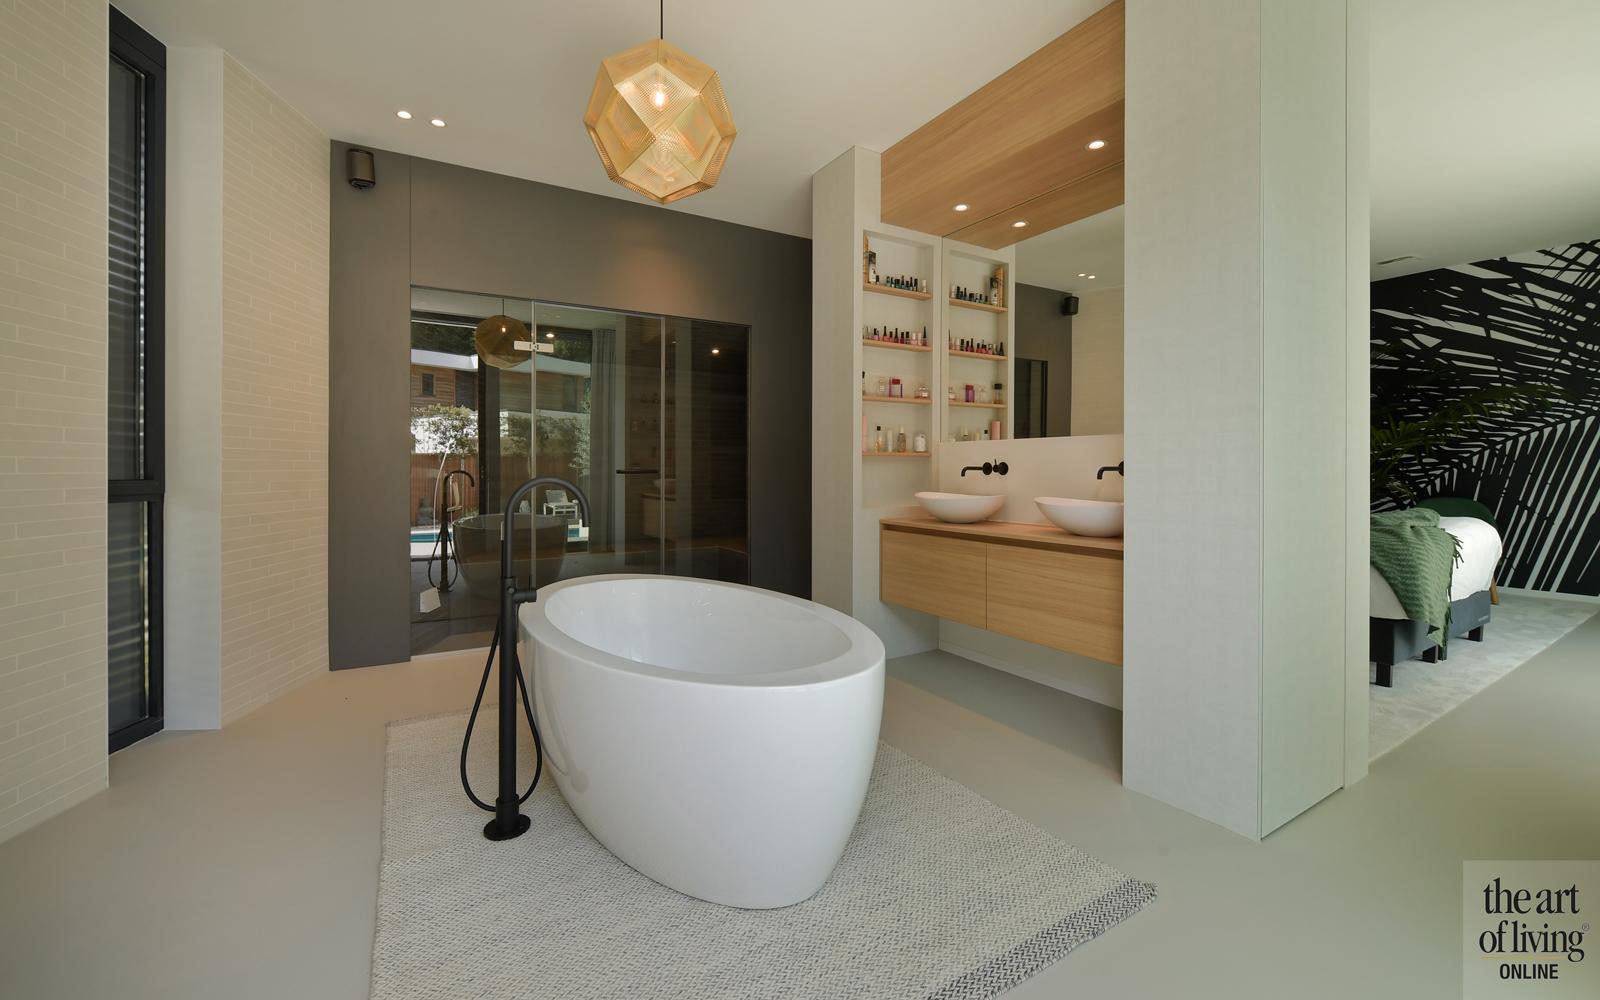 Ibiza stijl, Frans van Roy, Ibiza interieur, Villa met zwembad, Witte villa, Minimalistisch interieur, Interieur design, badkamer, vrijstaand bad, ensuite badkamer